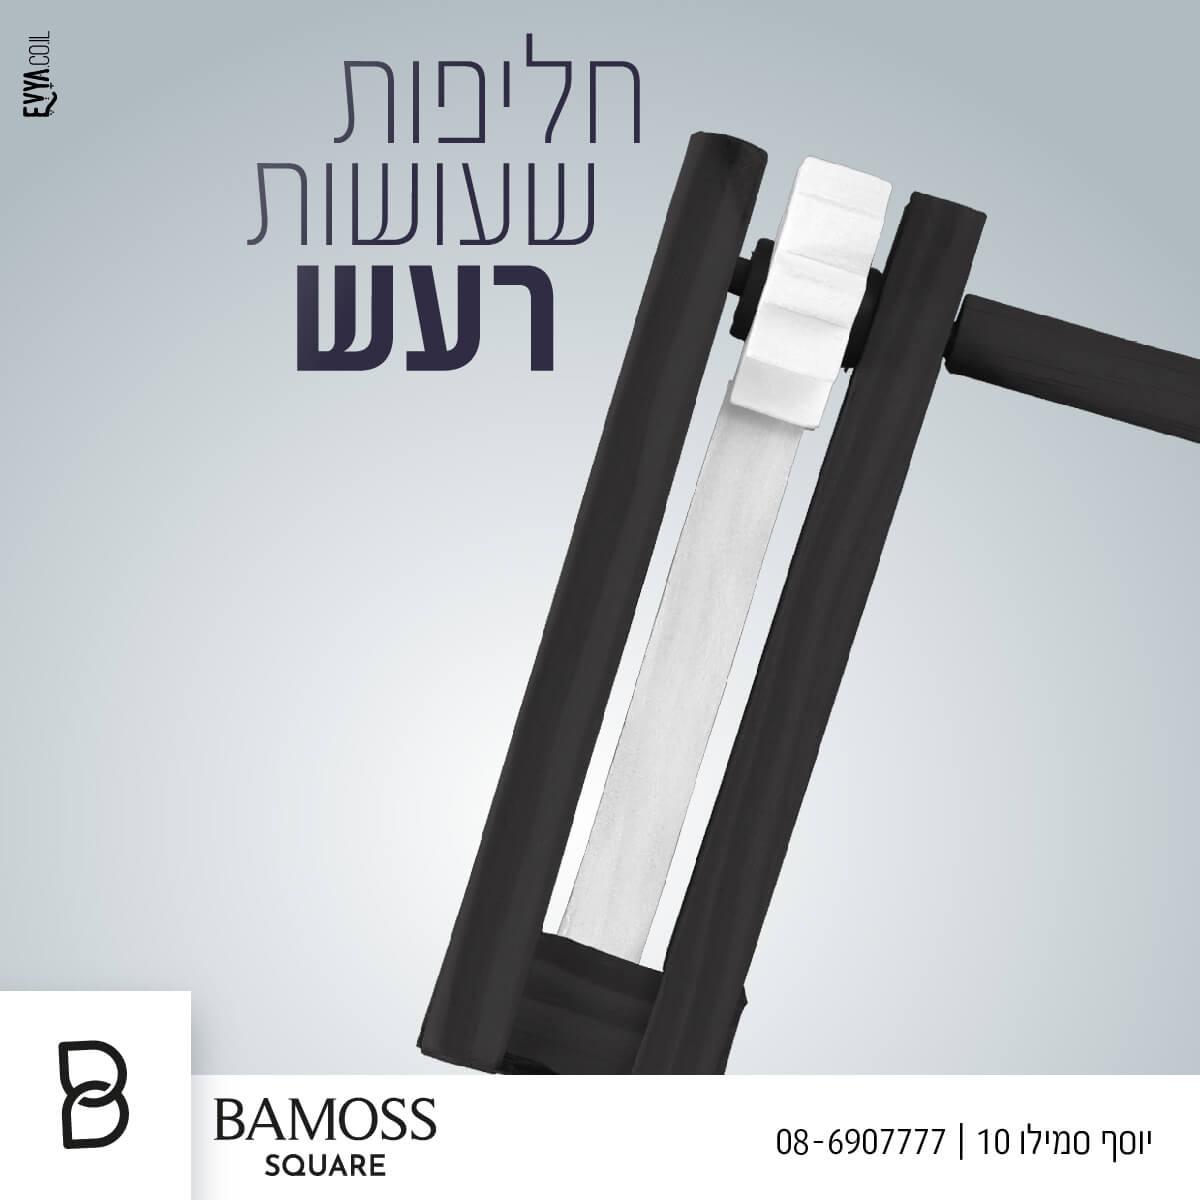 bamoss-purim-01